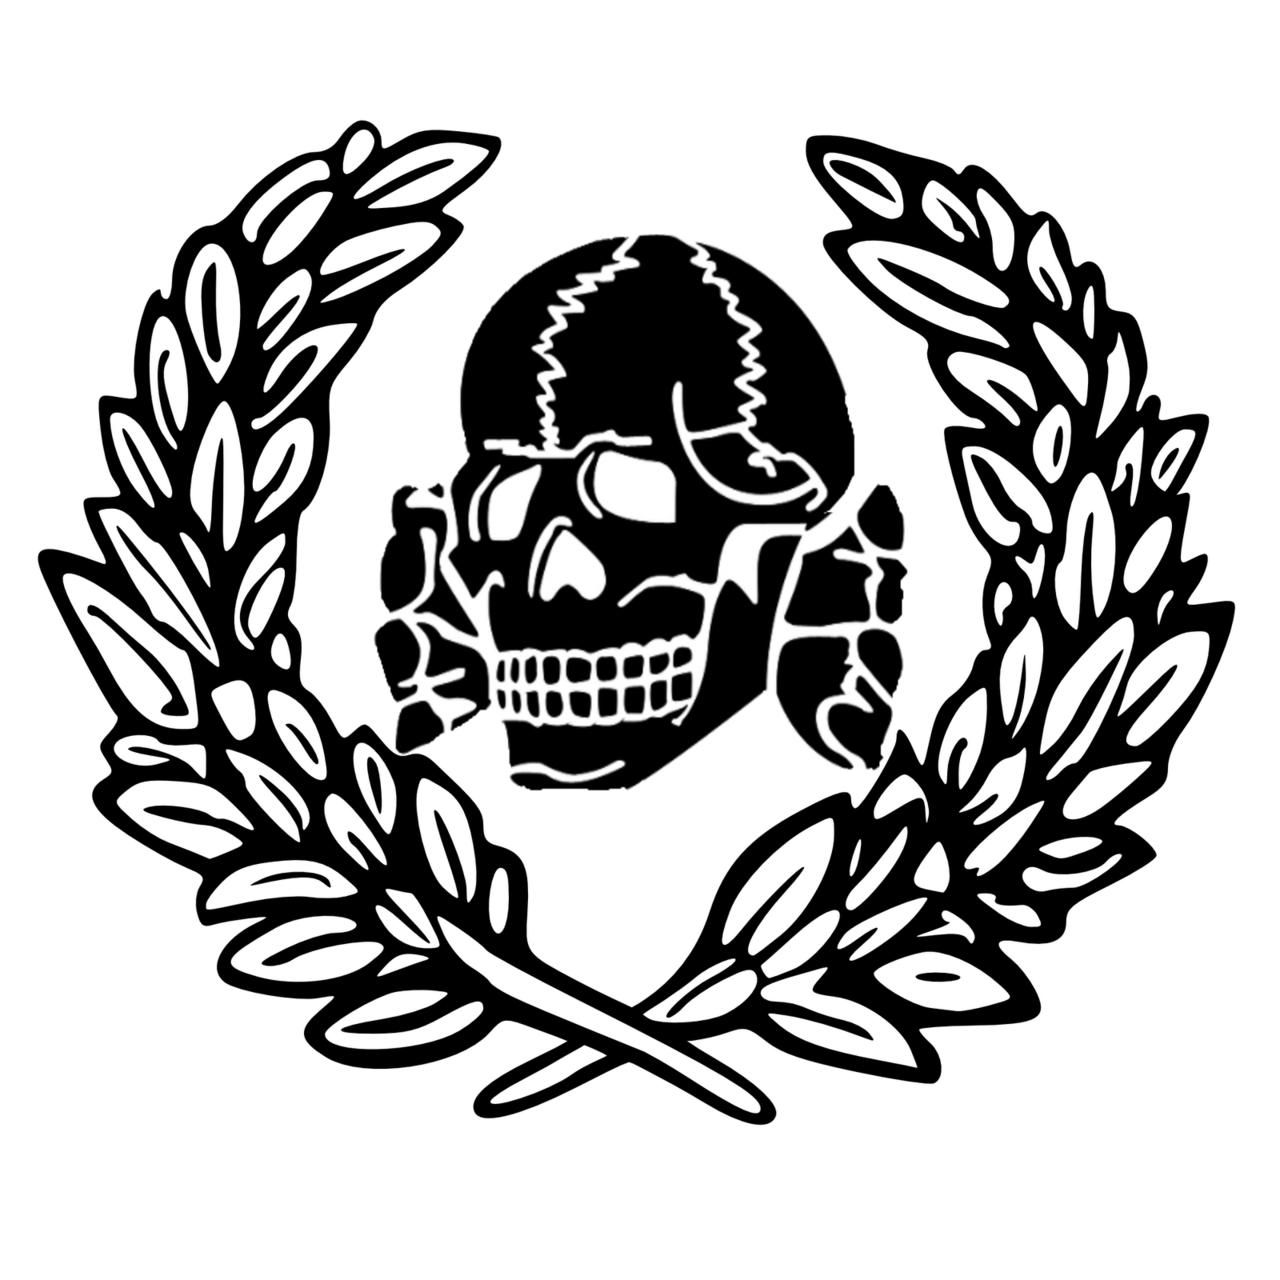 Totenkopf Wreath by TheMistRunsRed 1280x1280